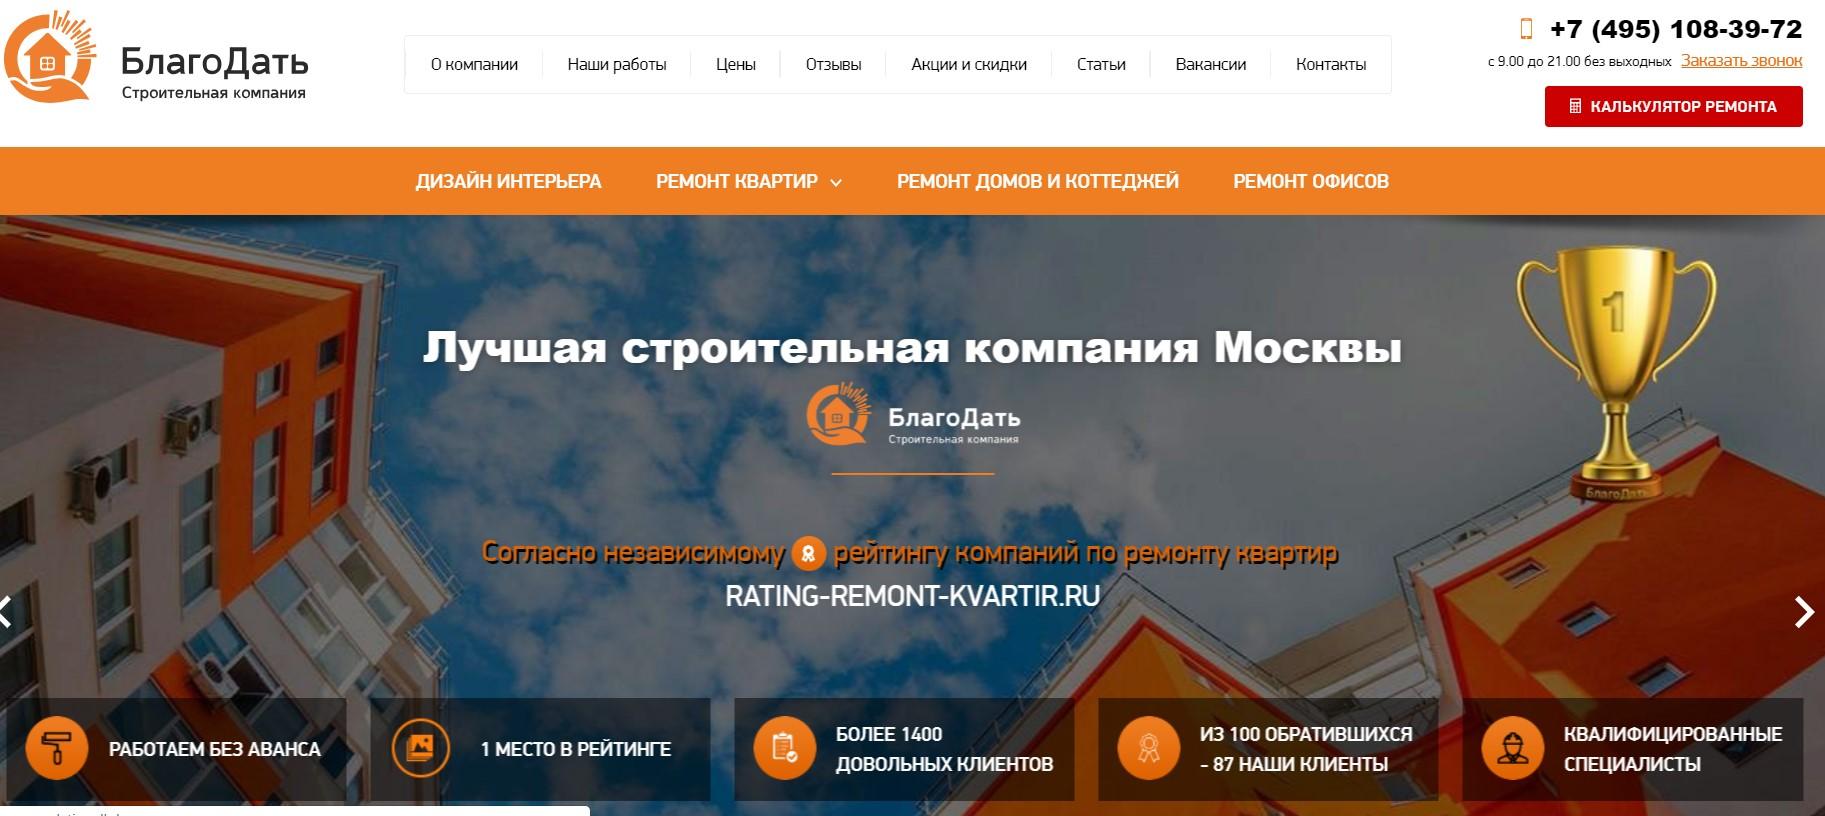 Главная страница сайта компании